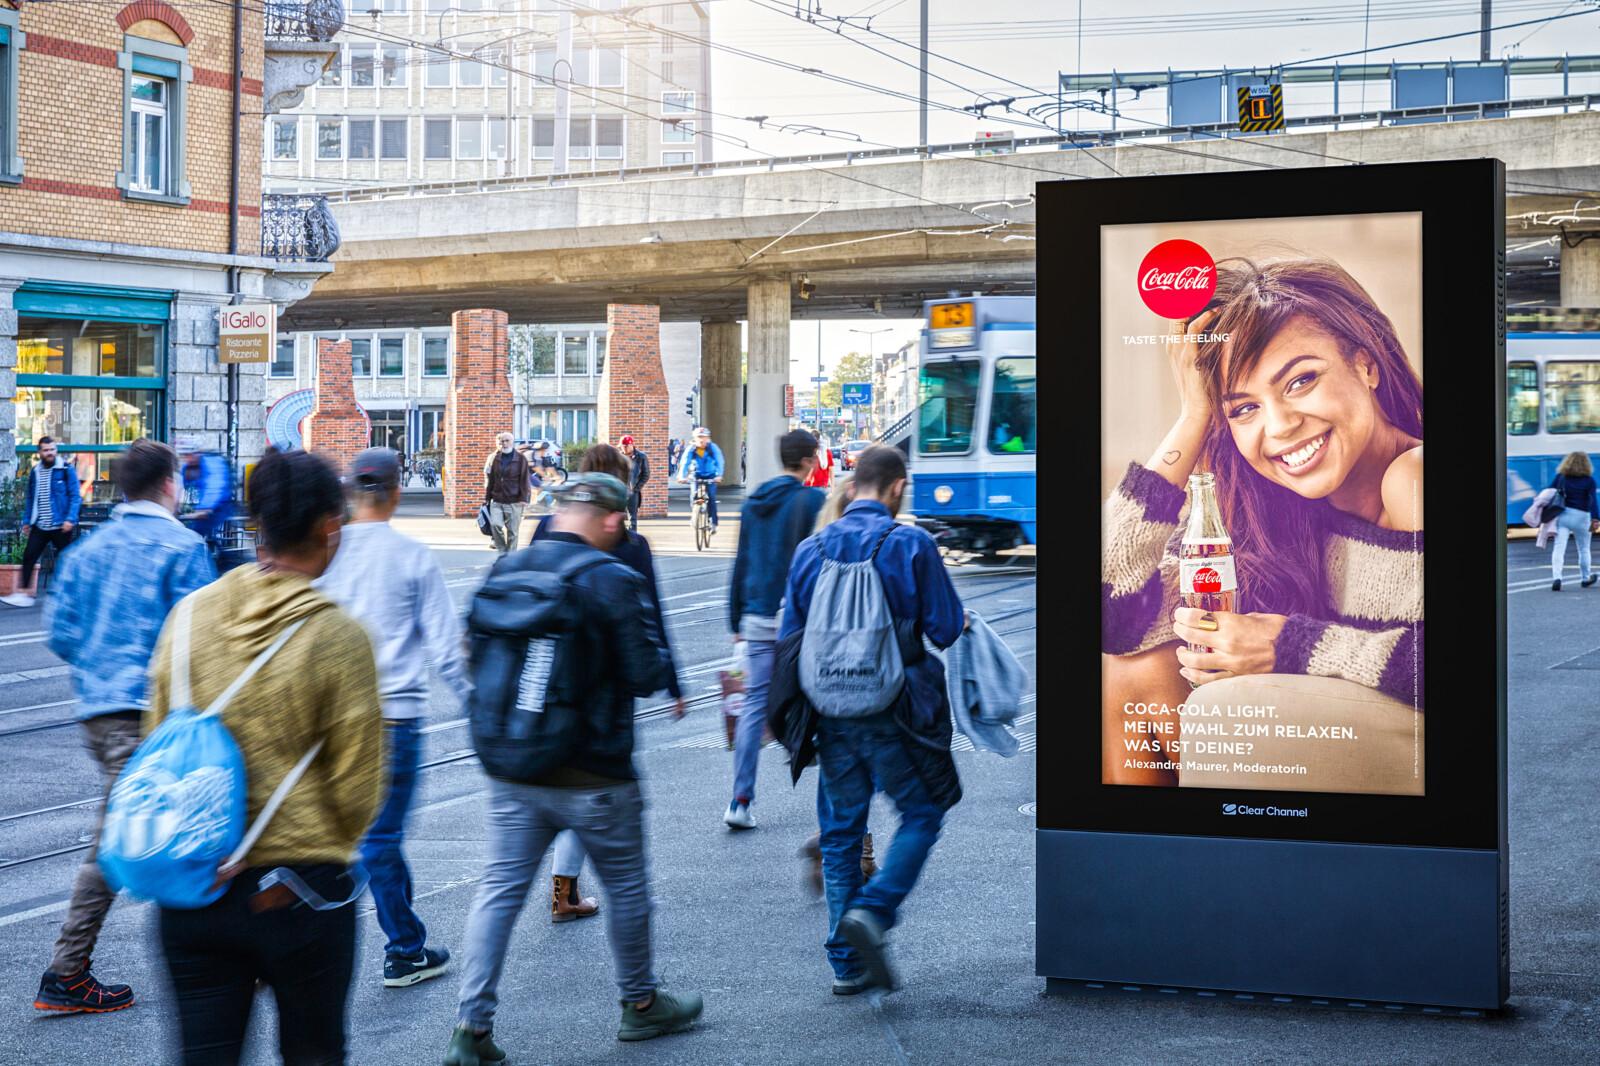 Affiche sur la Escherwyss de Zurich - publicité numérique sur écran au centre de Zurich - atteindre un groupe cible ayant un pouvoir d'achat- Branding pour les produits de luxe, grande portée, flexibilité, contrôle dynamique